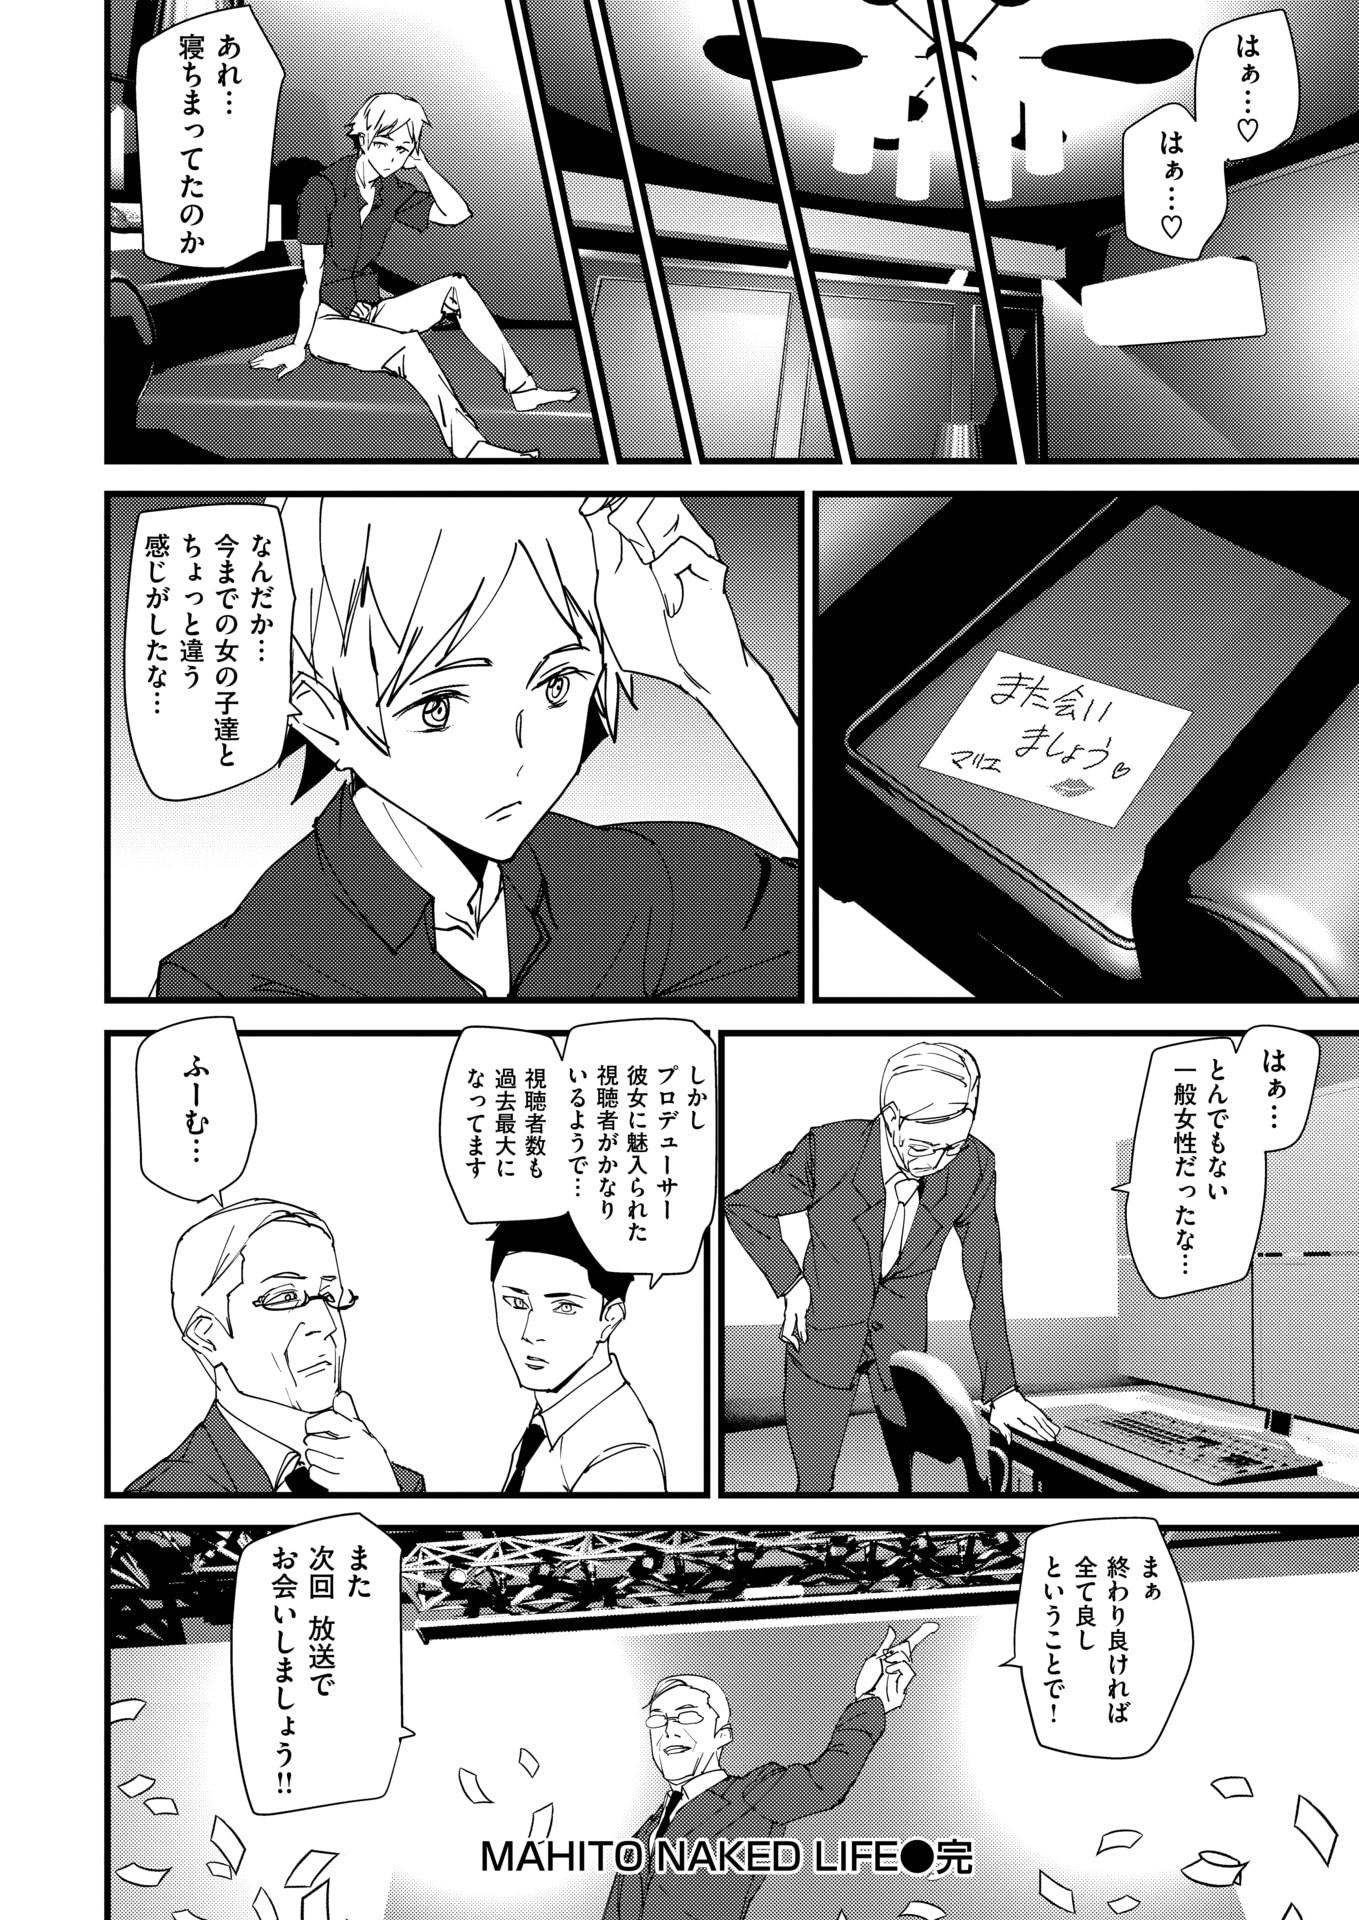 【ギャル巨乳エロ漫画】MAHITO NAKED LIFE_00020